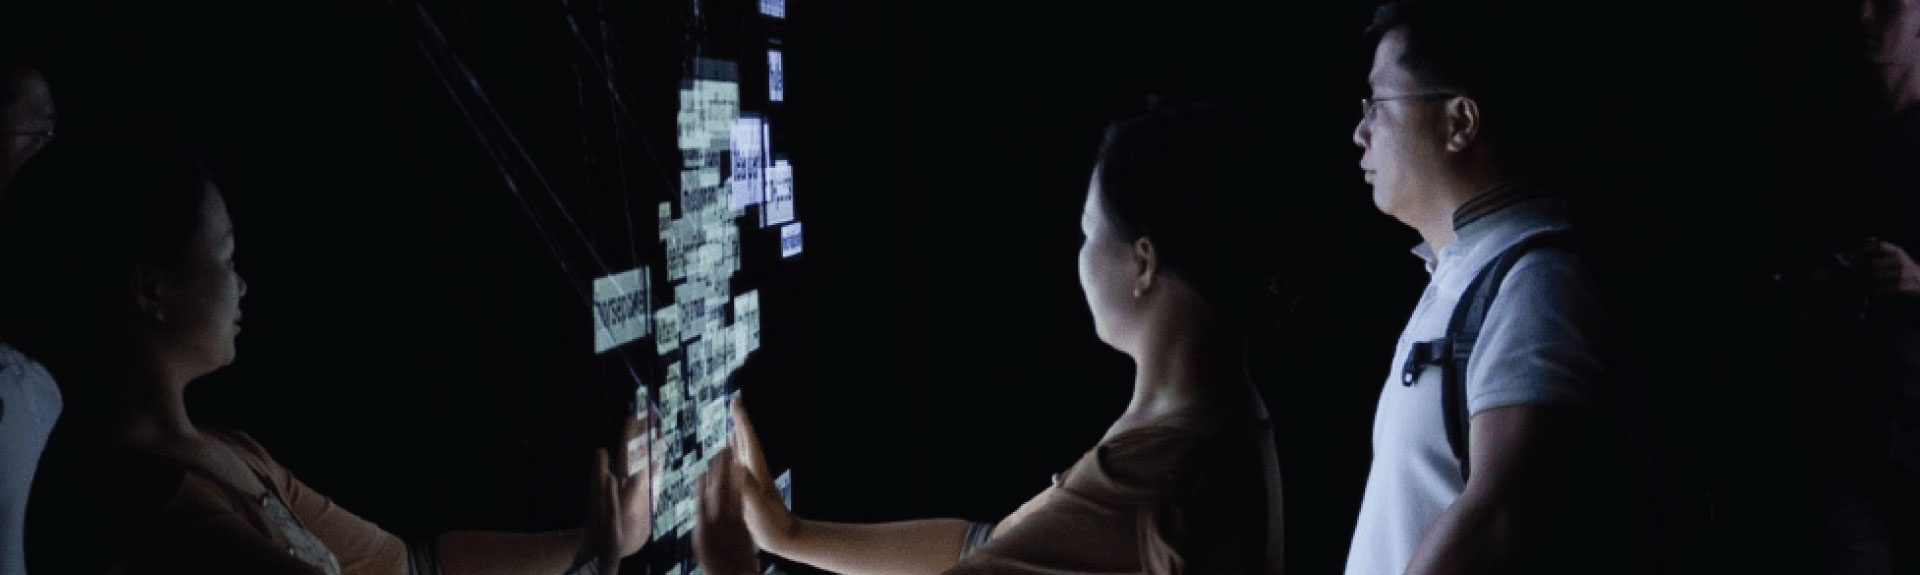 L'intersezione tra fisico e digitale: esperienze memorabili